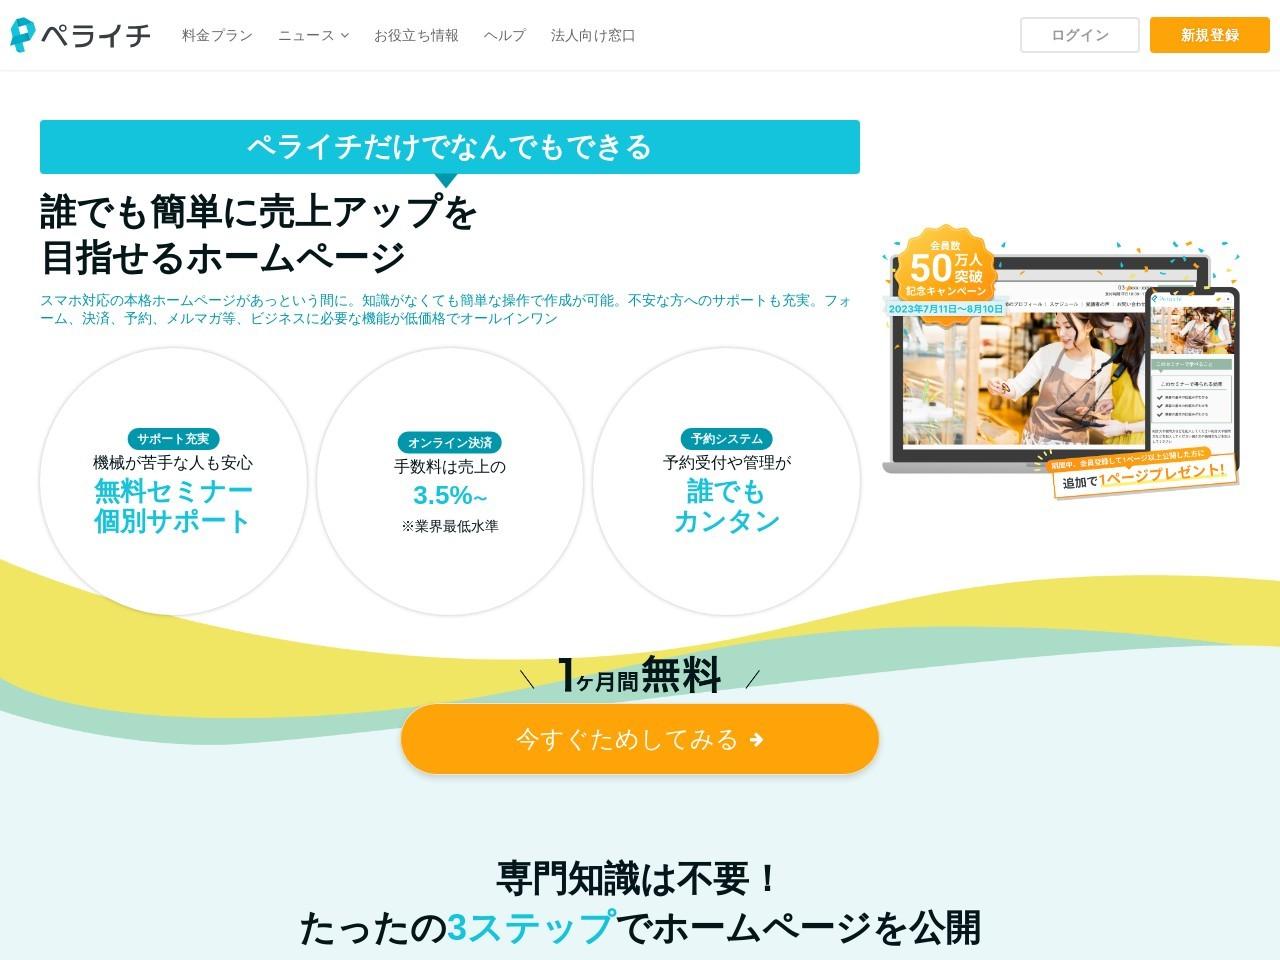 無料ホームページ制作・作成なら作り方かんたんなペライチ